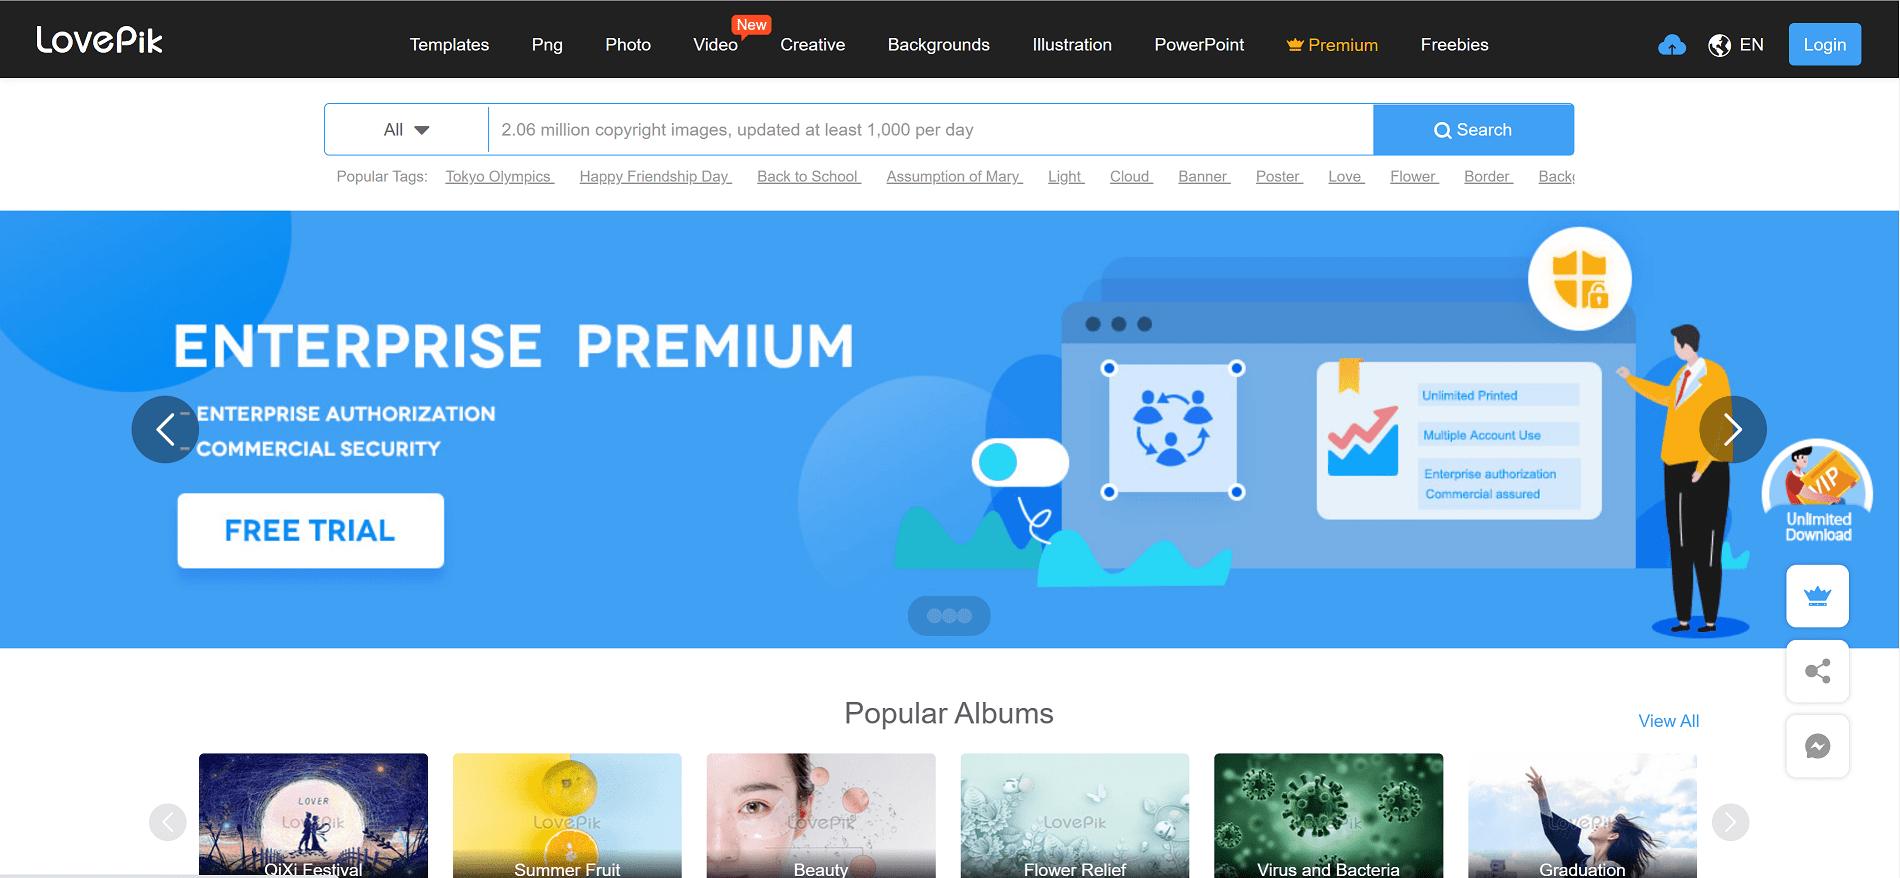 سایت Lovepik.com بهترین سایت نمونه آماده ادیوس